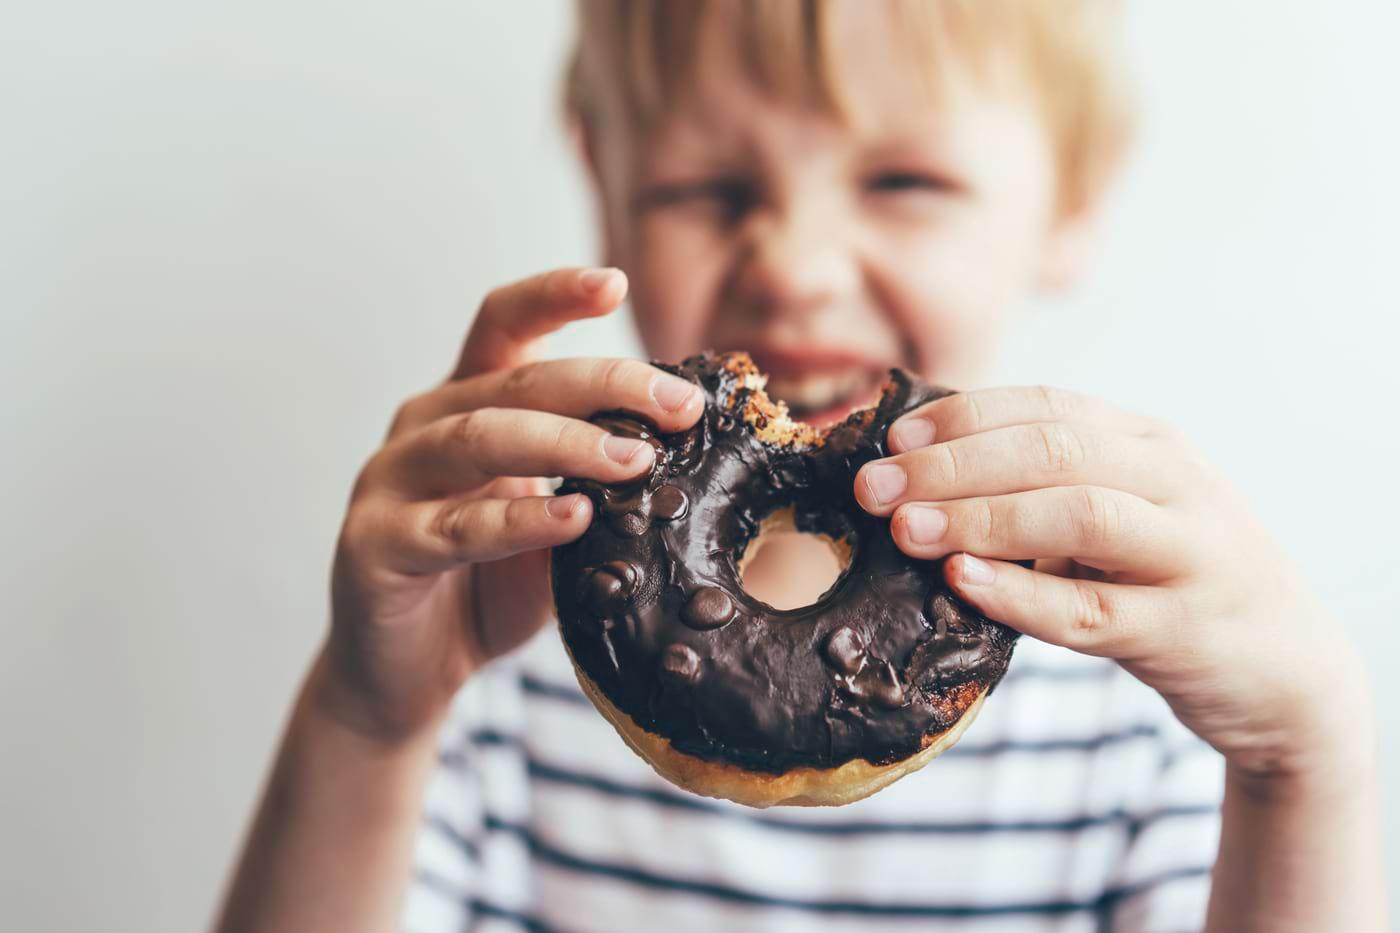 Consumul excesiv de zahăr poate afecta dezvoltarea creierului celui mic (studiu)